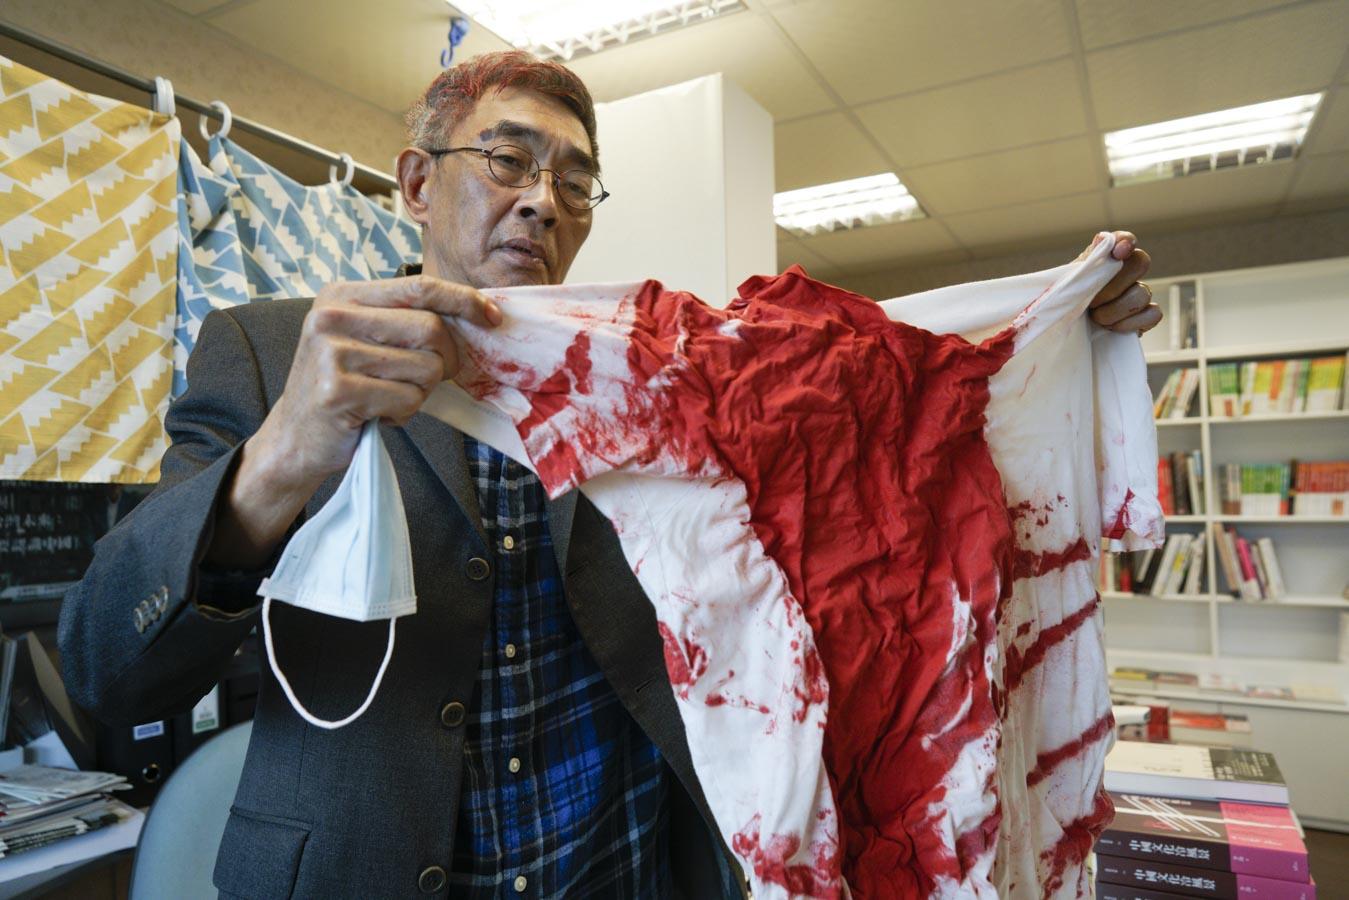 中山銅鑼灣書店負責人林榮基出示日前被潑灑紅色油漆的上衣,令人觸目驚心。圖:張良一/攝